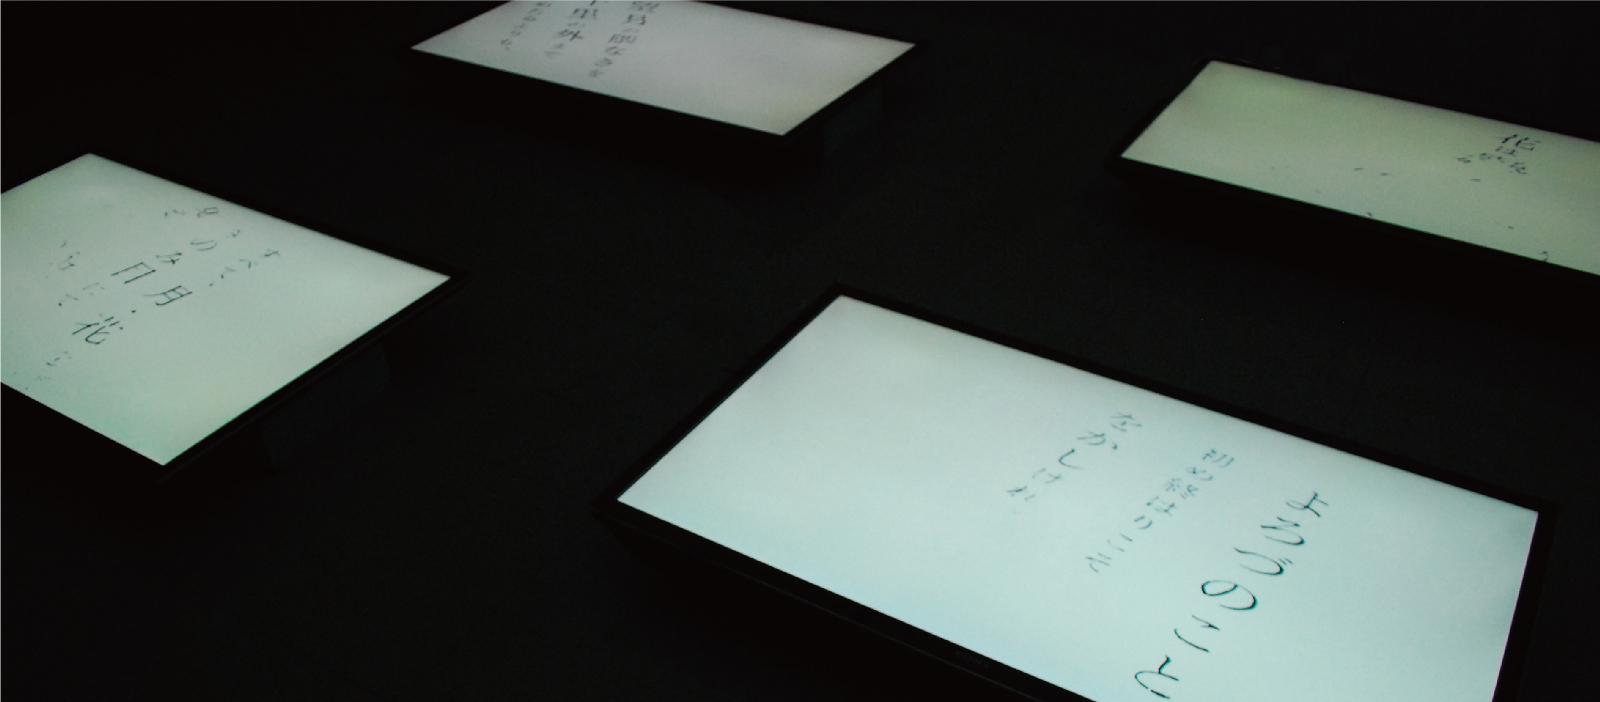 言葉と視覚化_展示の様子